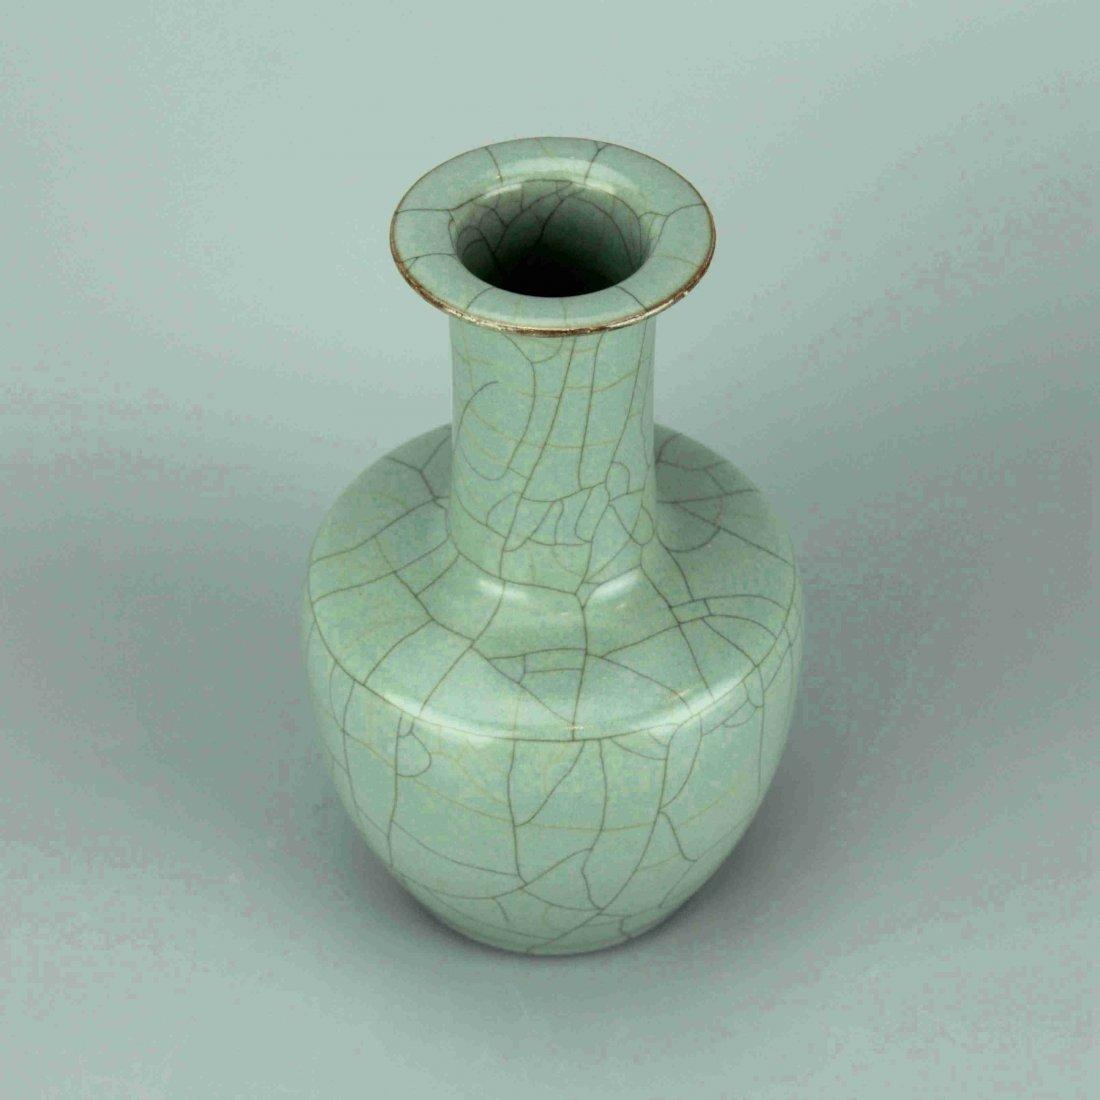 Chinese Crackle Celadon Glaze Porcelain Vase - 4